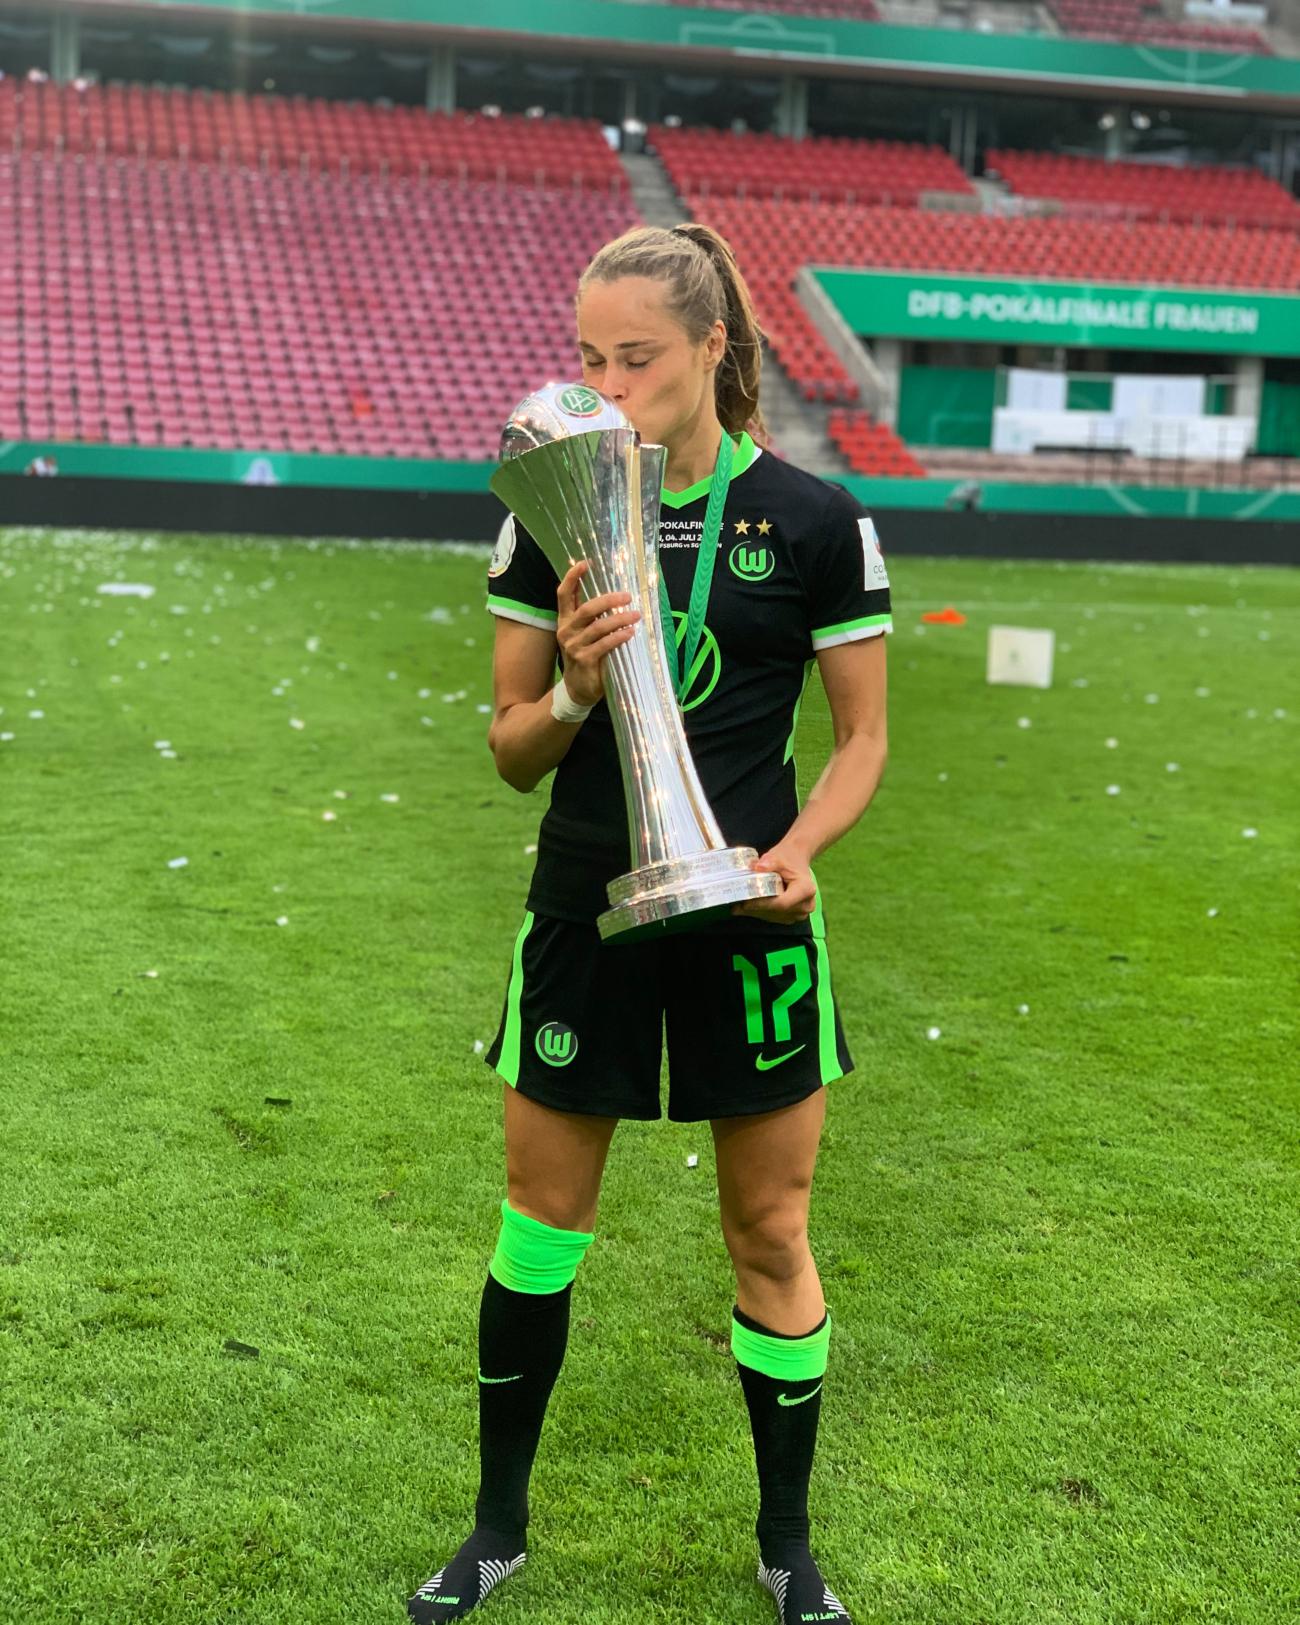 Ewa Pajor polska piłkarka wywalczyła z VfL Wolfsburg 5 DFB Pokal w swojej karierze